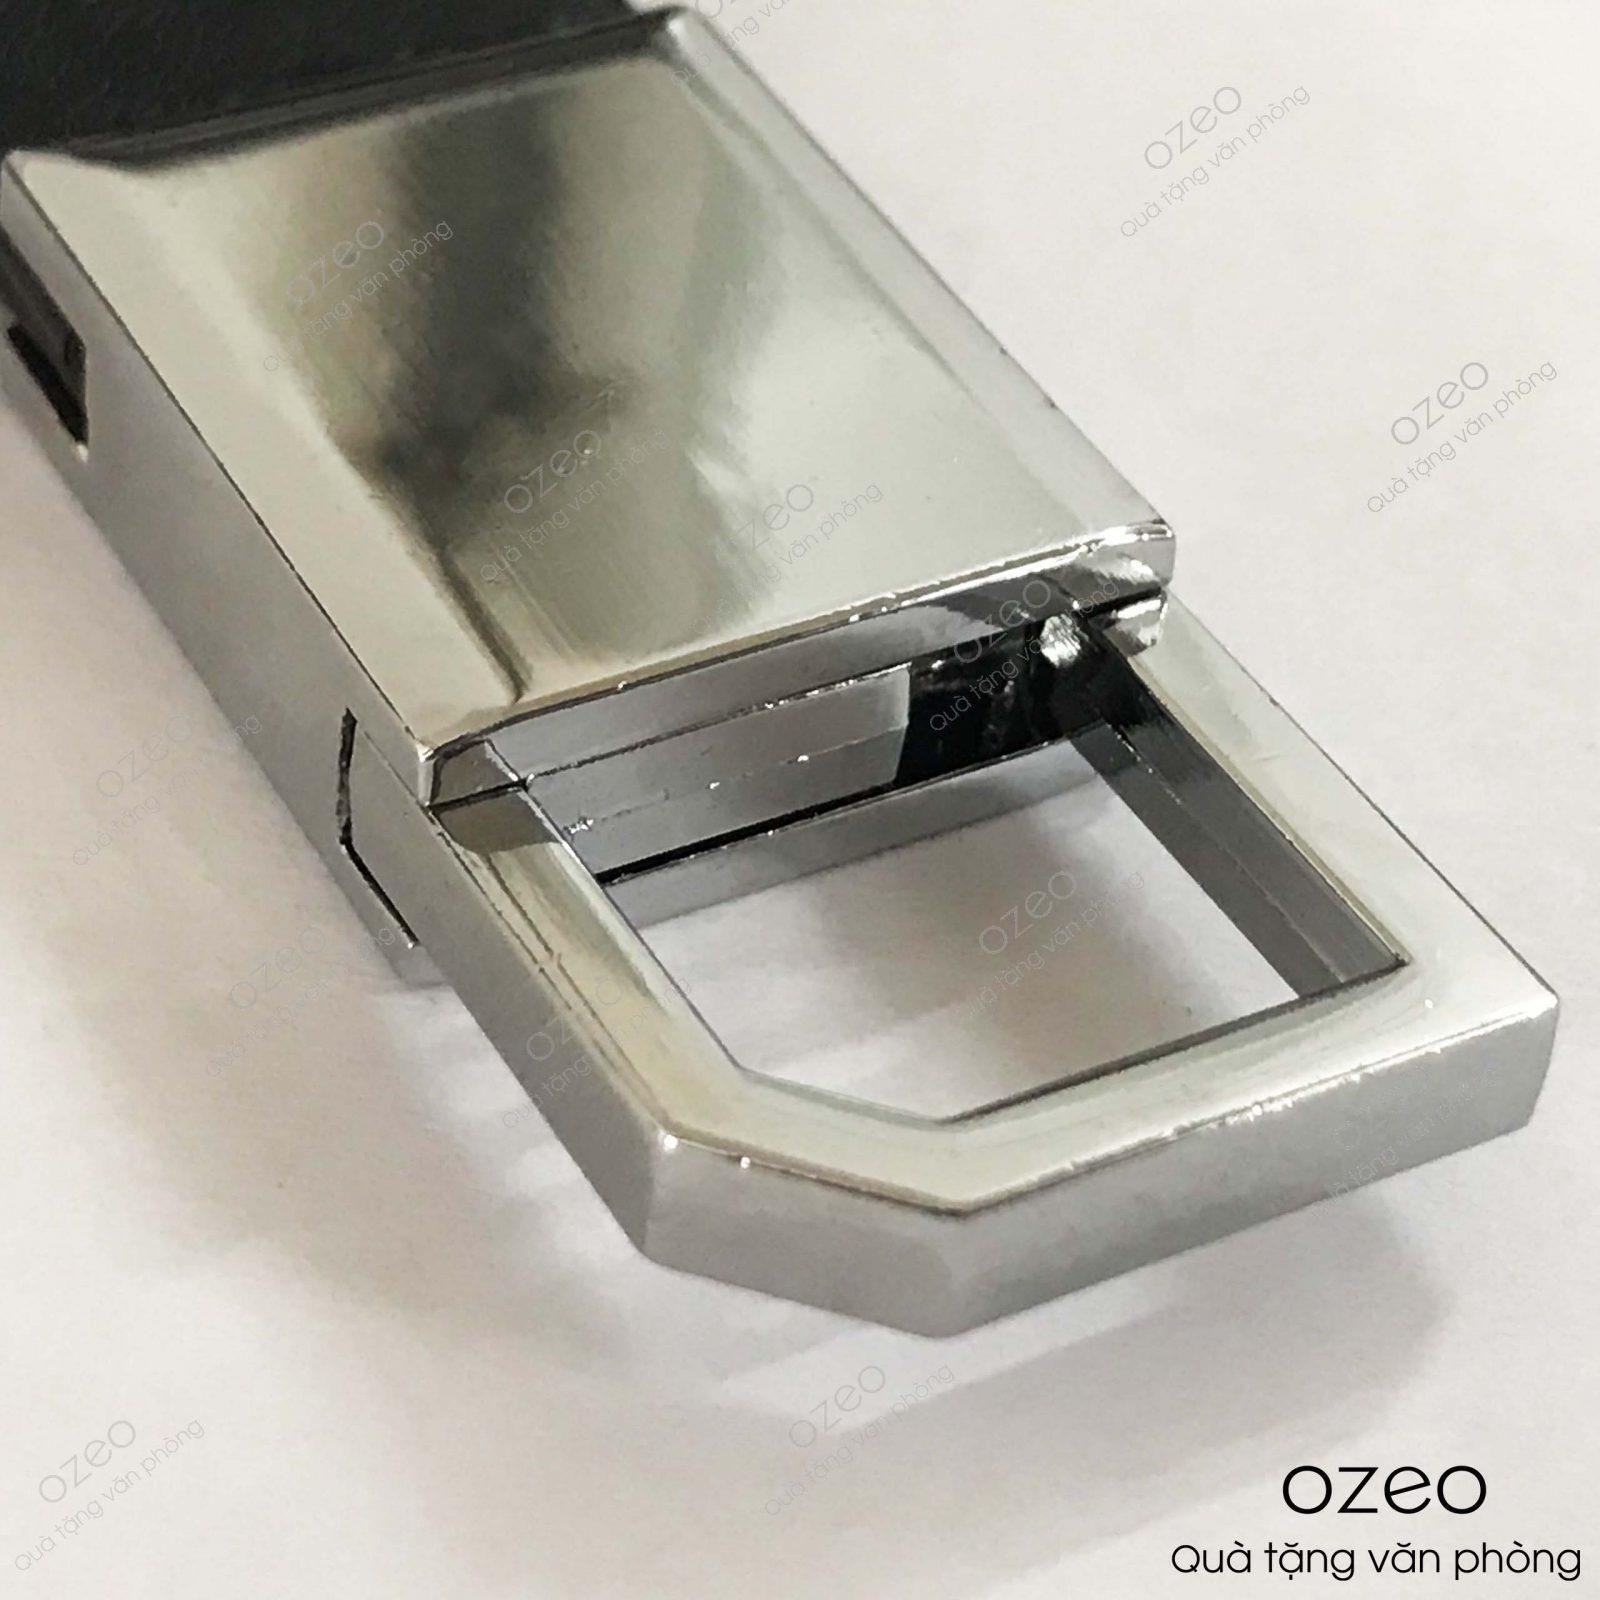 Phần bề mặt móc khóa kim loại dây da MK003 khắc tên, khắc logo theo yêu cầu của khách hàng.